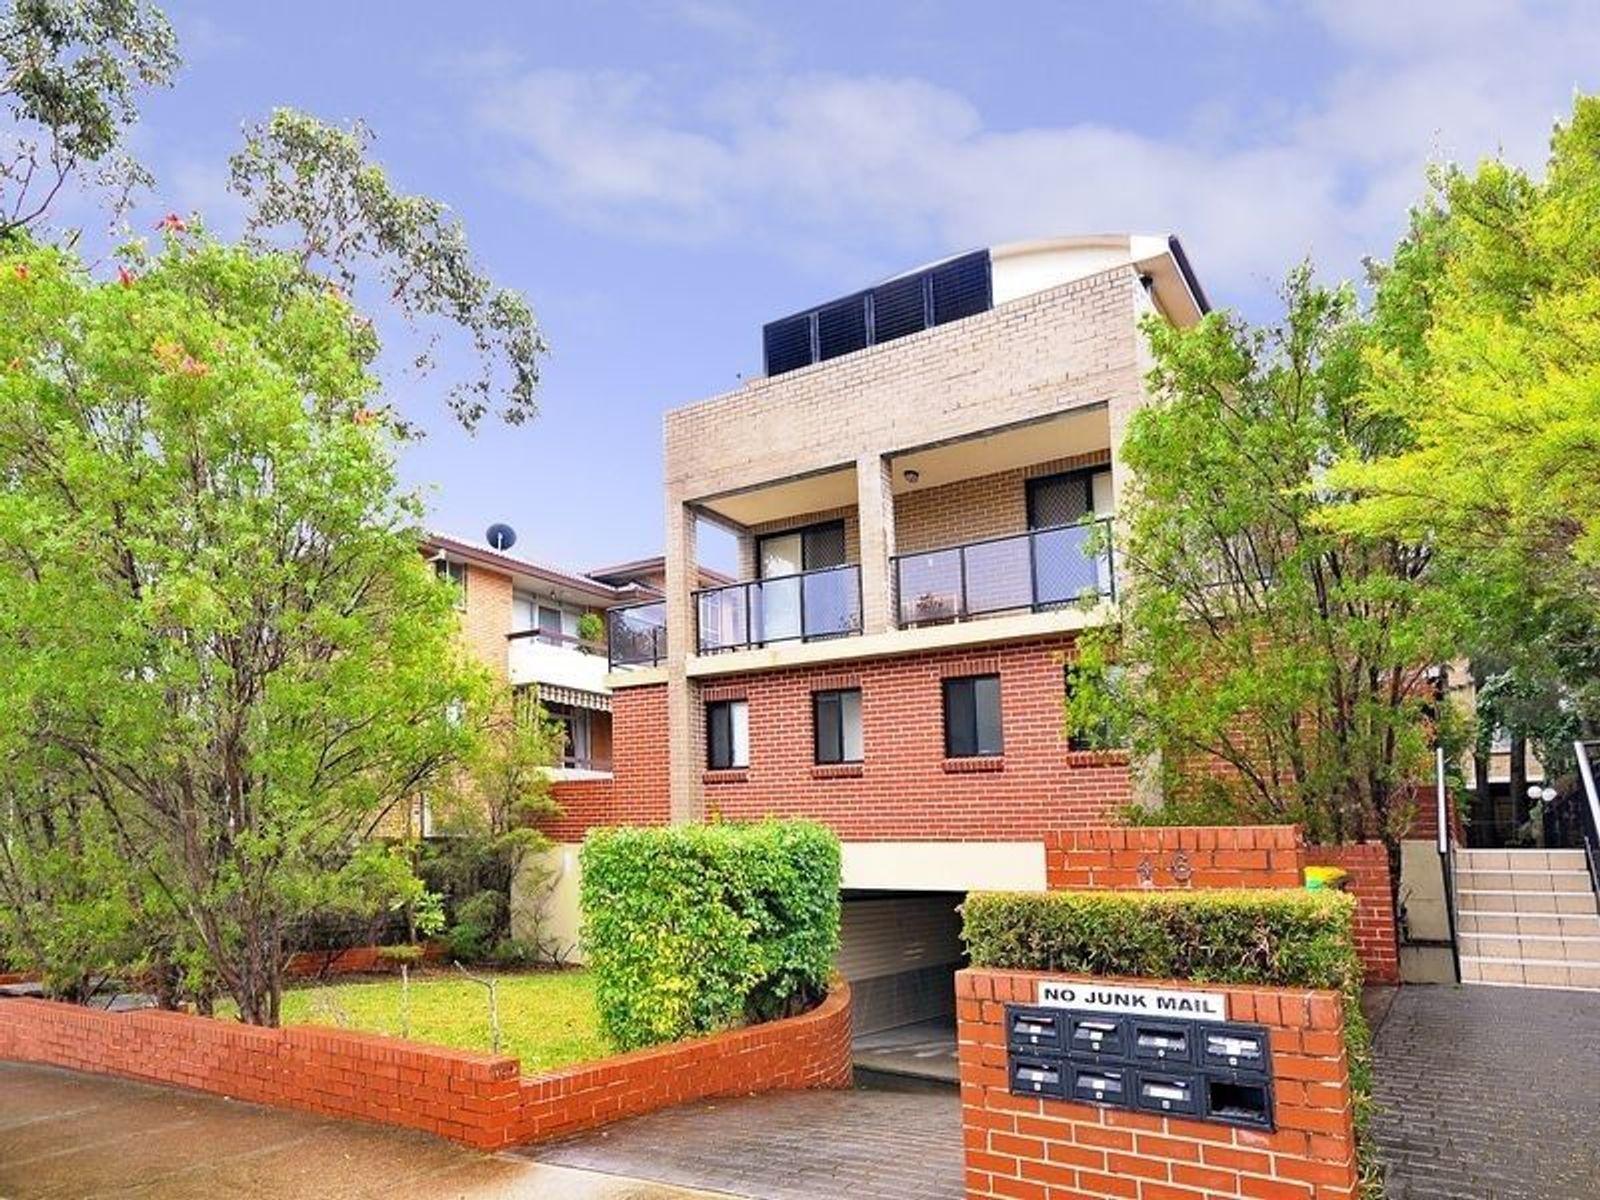 6/4-6 Orr Street, Gladesville, NSW 2111